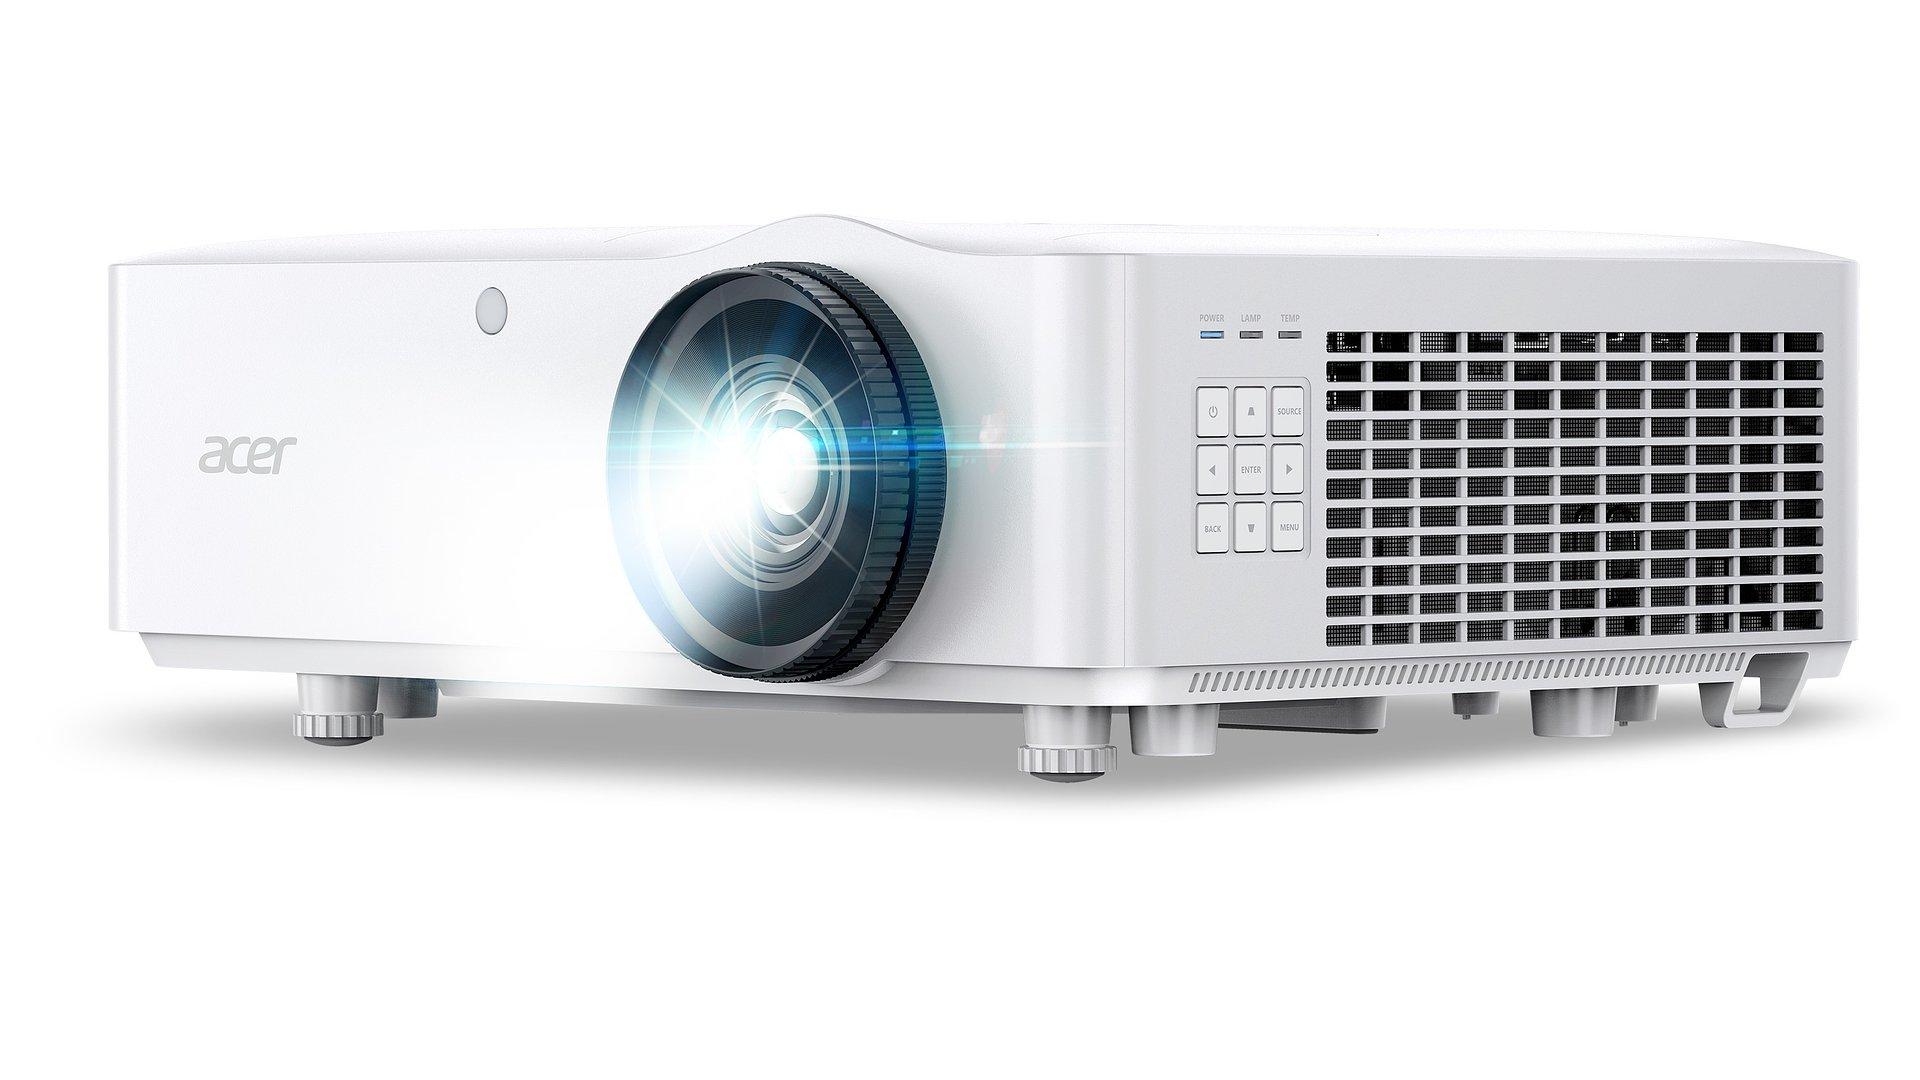 Acer przedstawia projektory laserowe LED dla rozrywki i biznesu